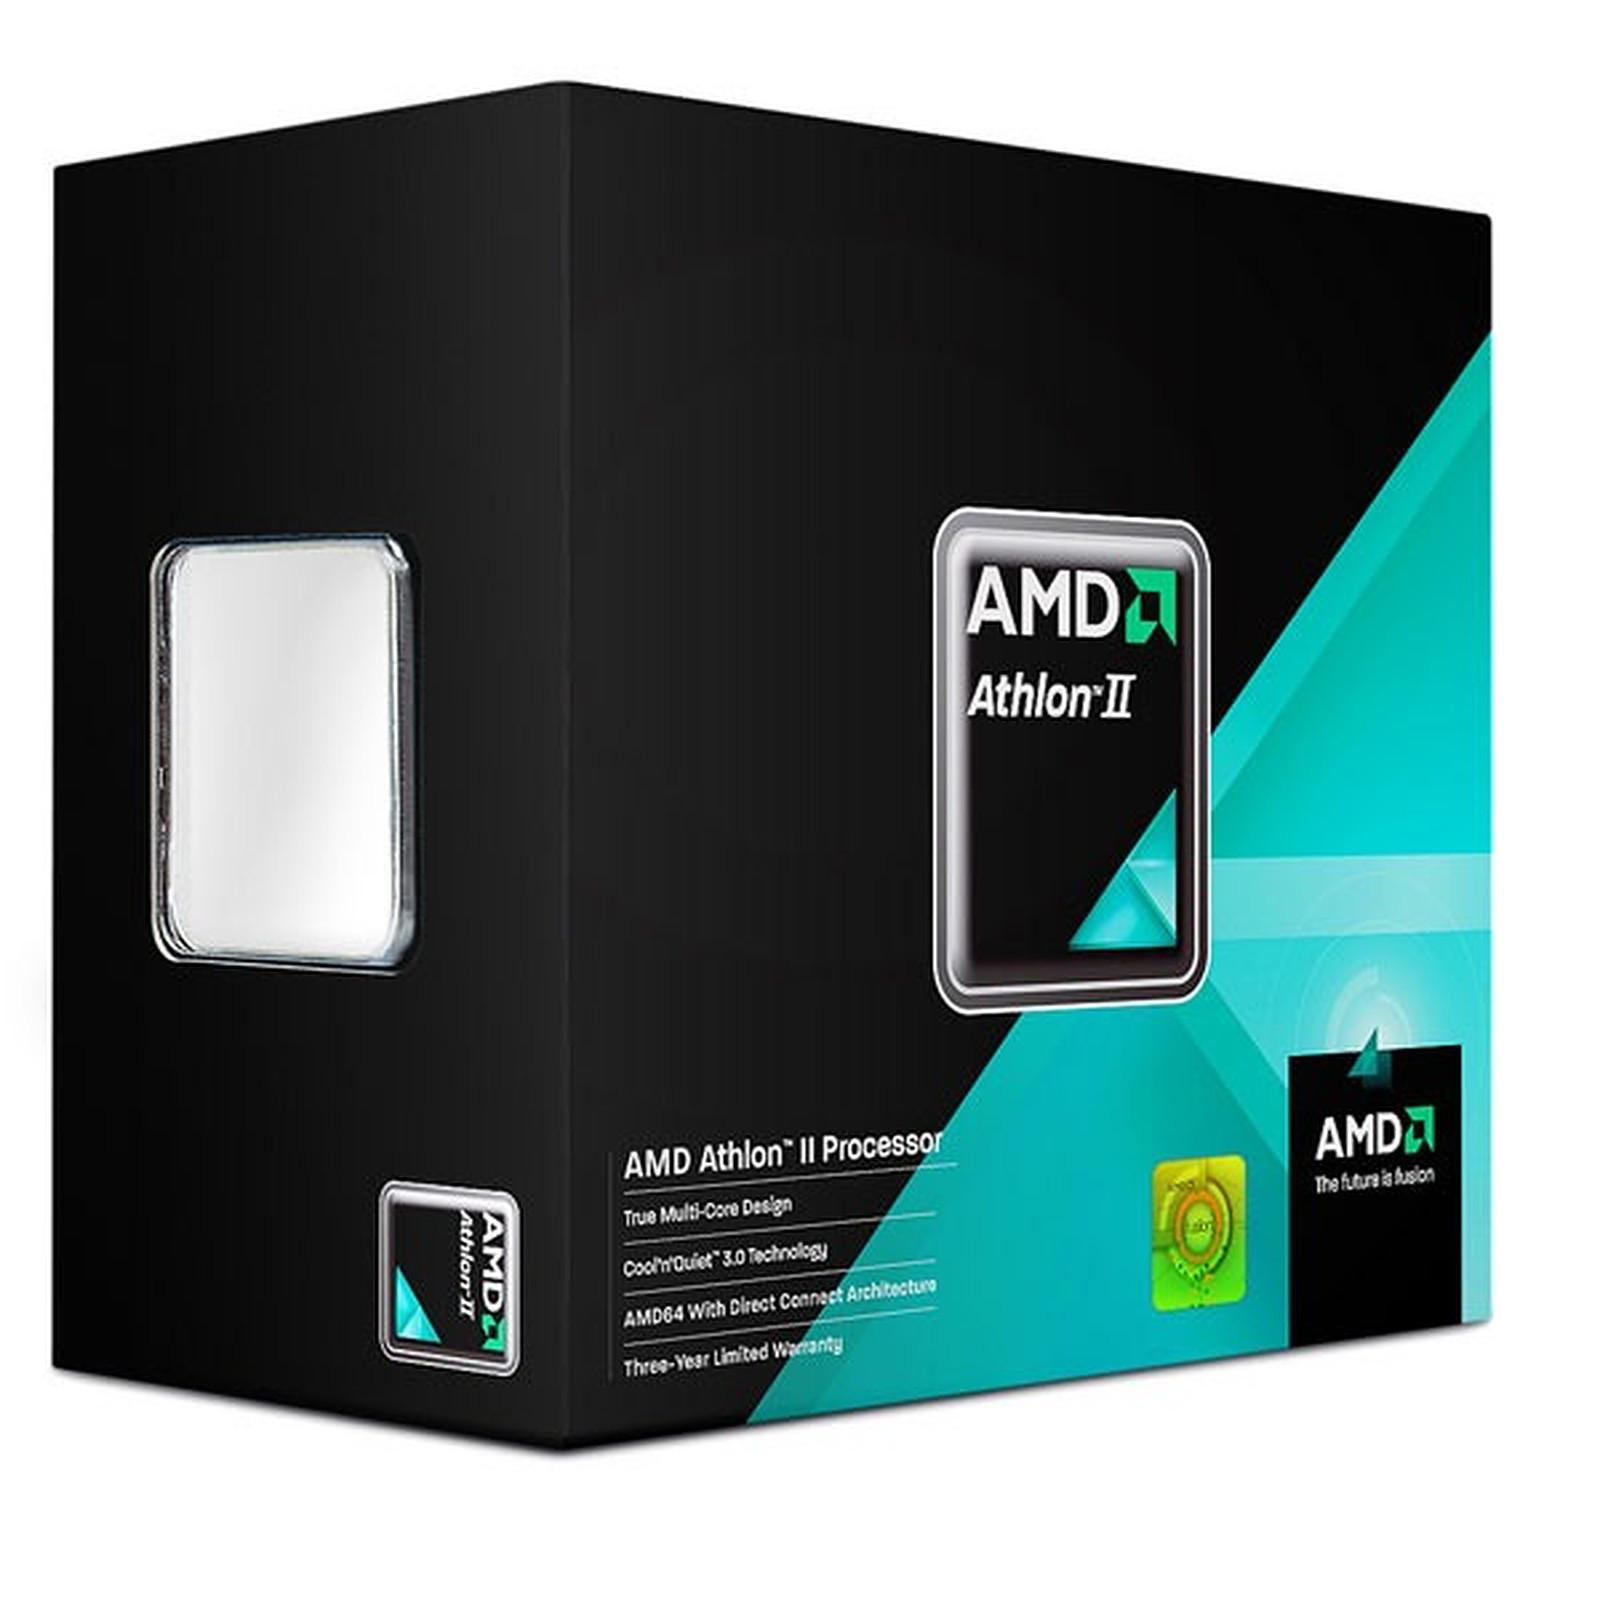 AMD Athlon II X3 450 (3.2 GHz)